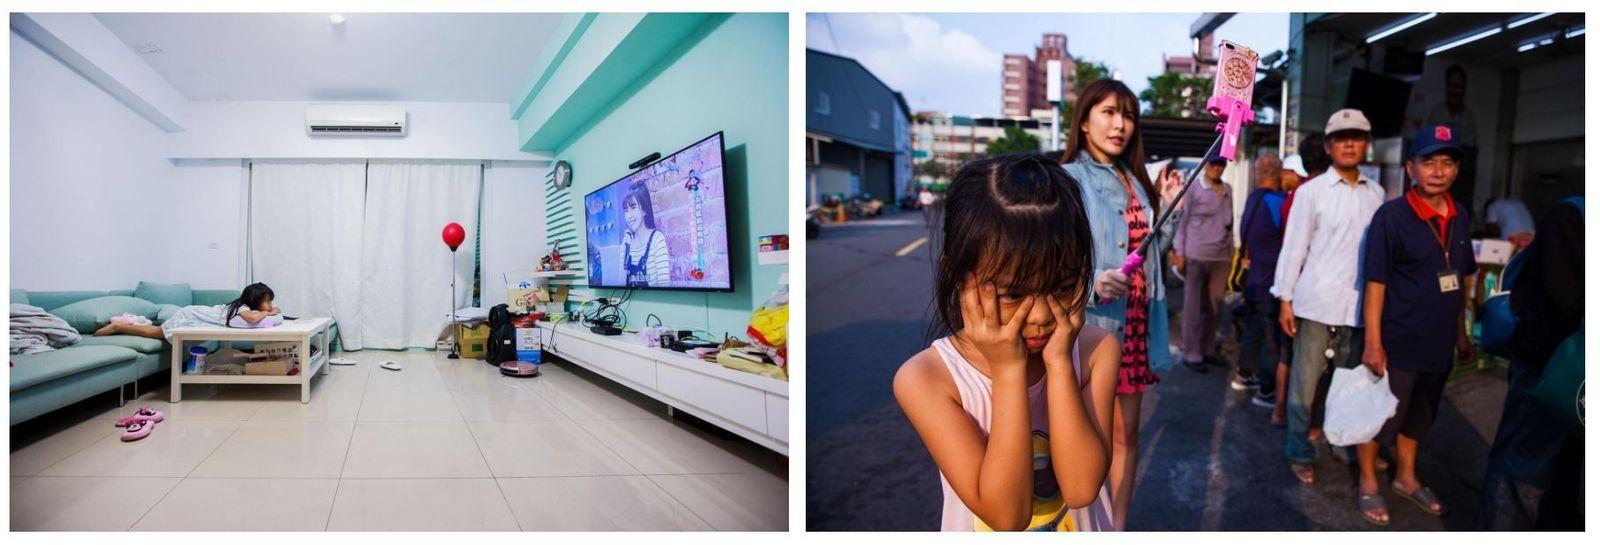 Esquerda: Mong Mong, filha de Lala, vê a mãe na televisão. Devido às horas que trabalha, ...